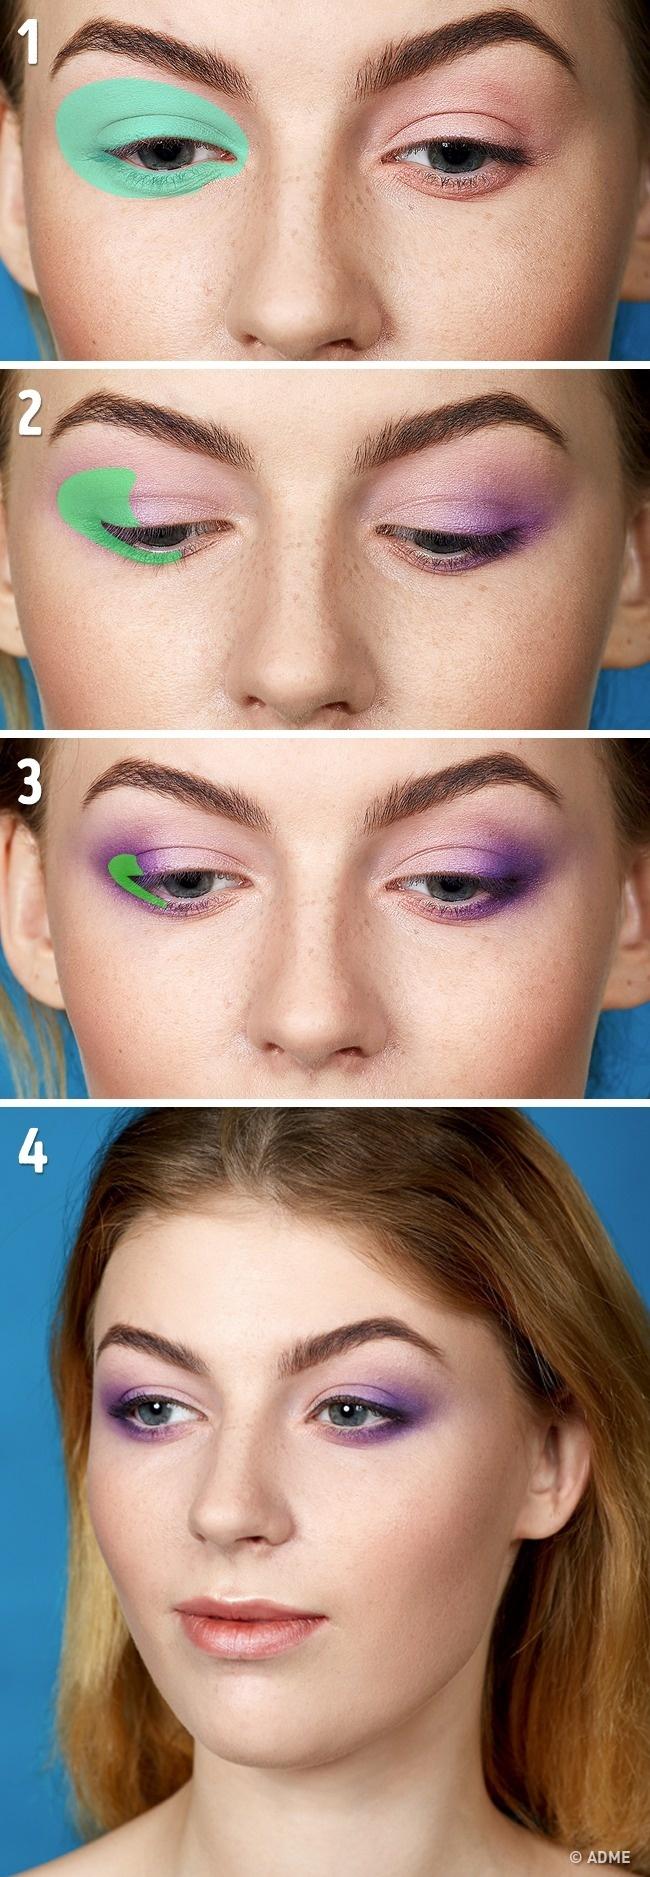 Эта техника наиболее подходит для узких глаз, так как визуально делает ихшире. Сеепомощью можно с